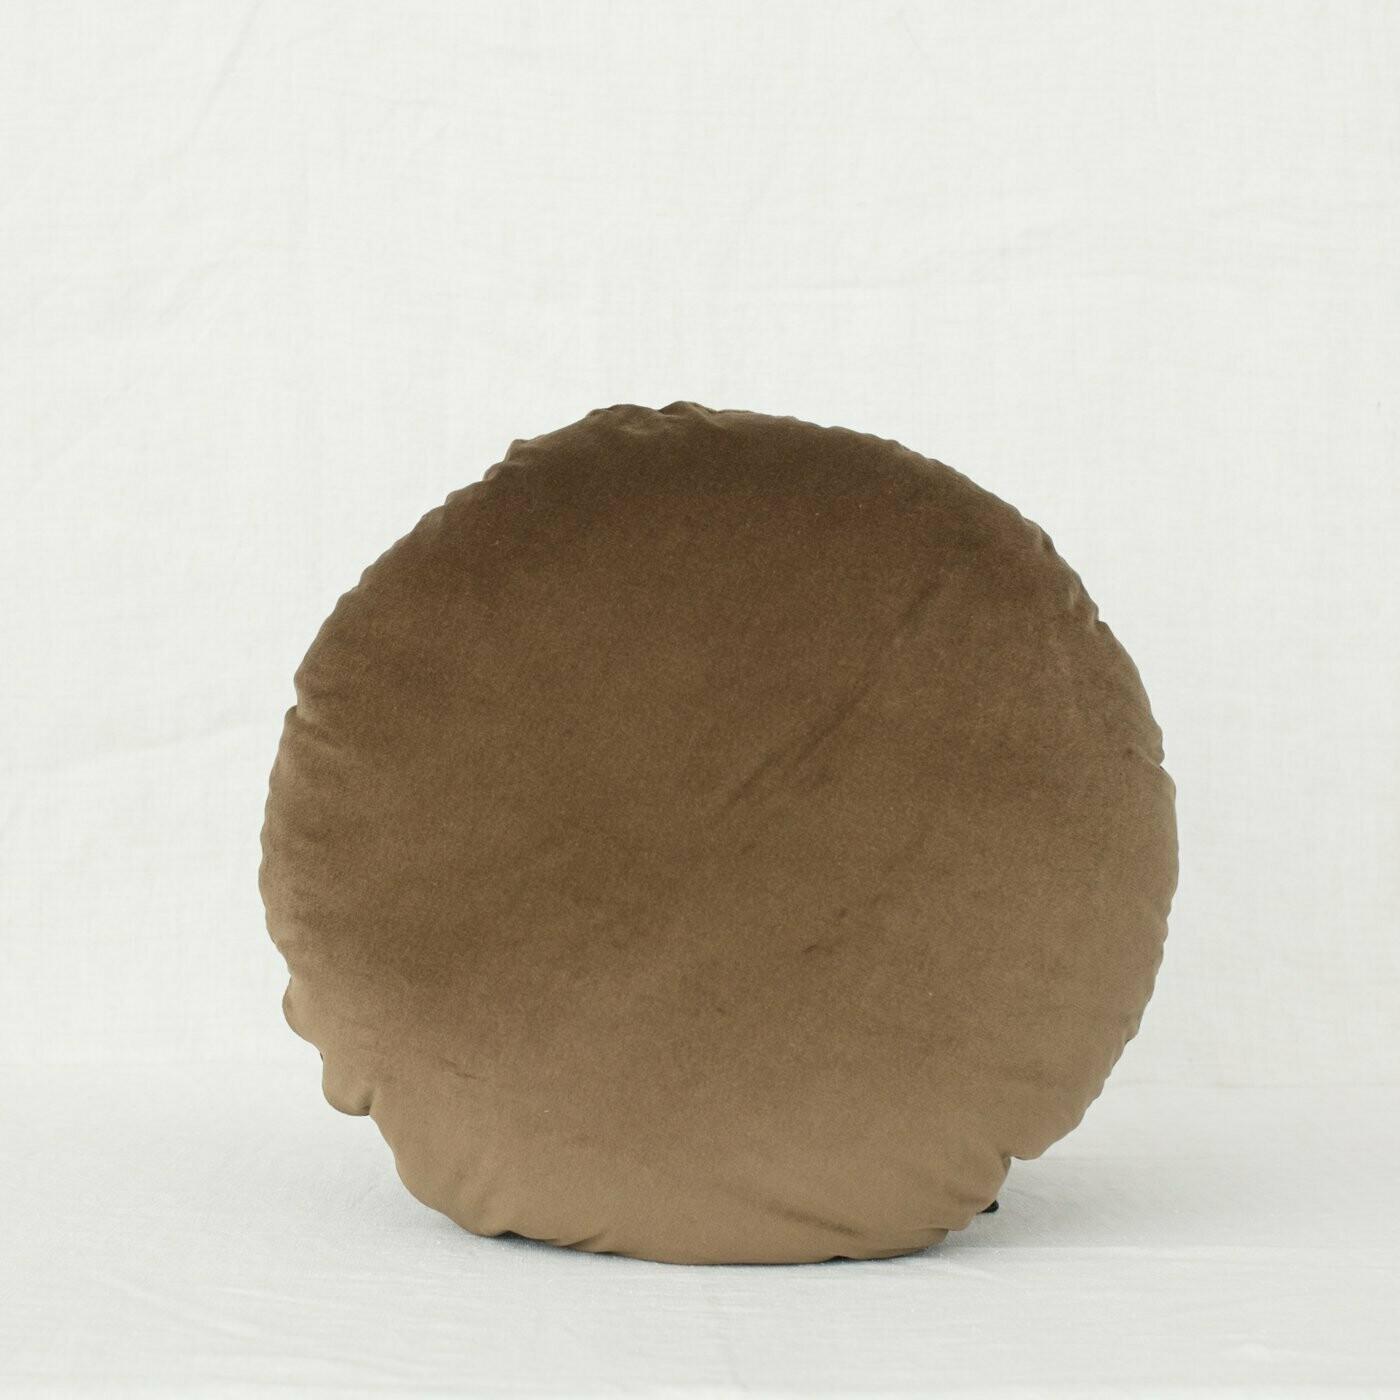 fig and honey Velvet Cushion - Round - Cardamom